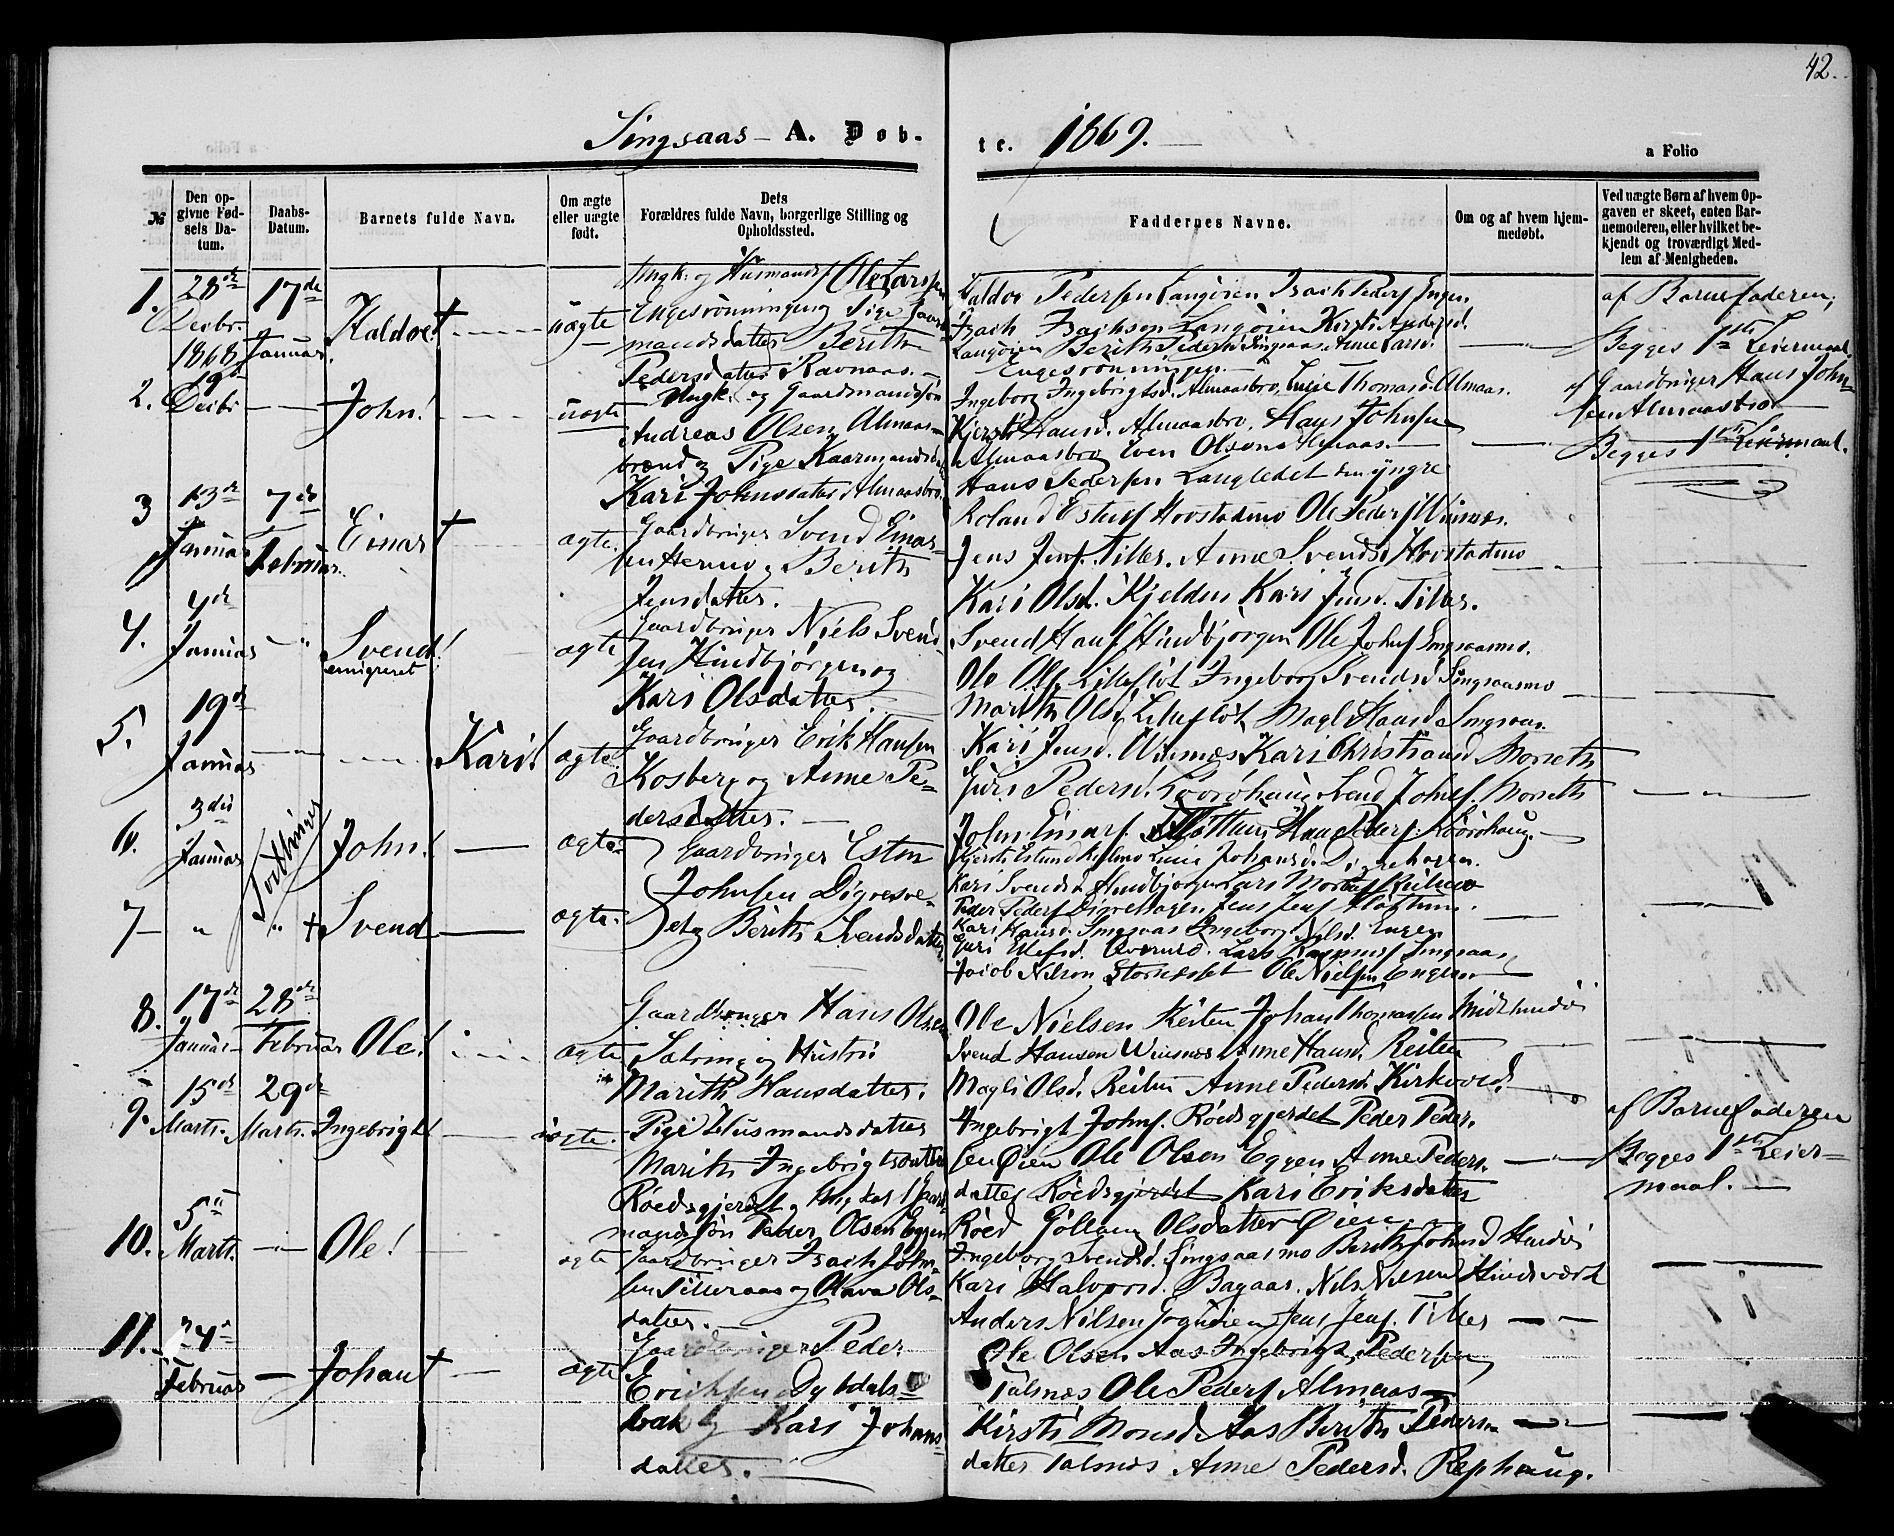 SAT, Ministerialprotokoller, klokkerbøker og fødselsregistre - Sør-Trøndelag, 685/L0967: Ministerialbok nr. 685A07 /2, 1860-1869, s. 42